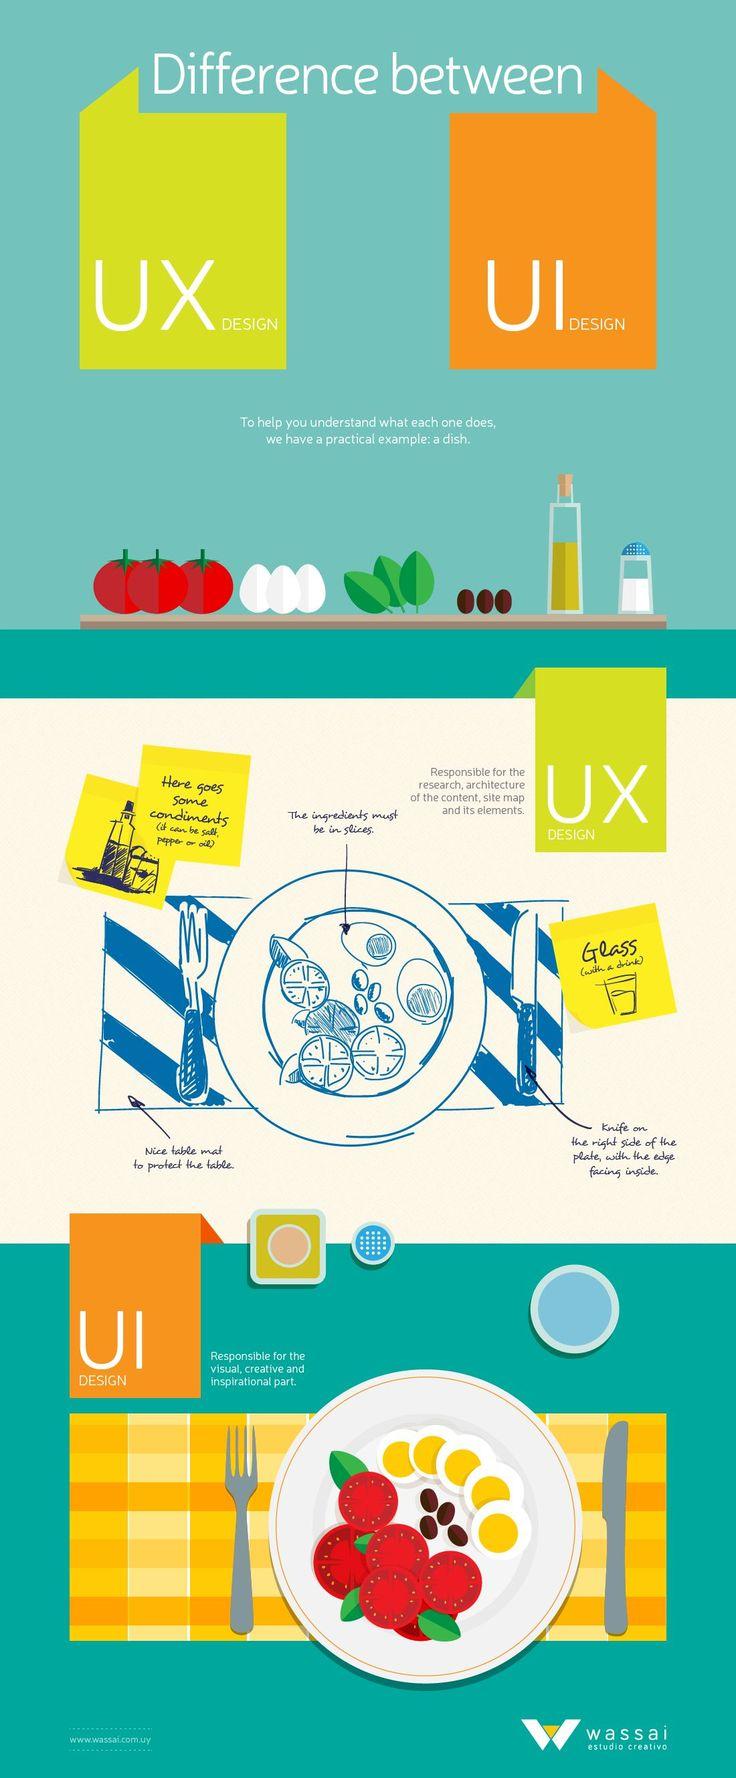 As metáforas usadas para dizer que UX é diferente de UI